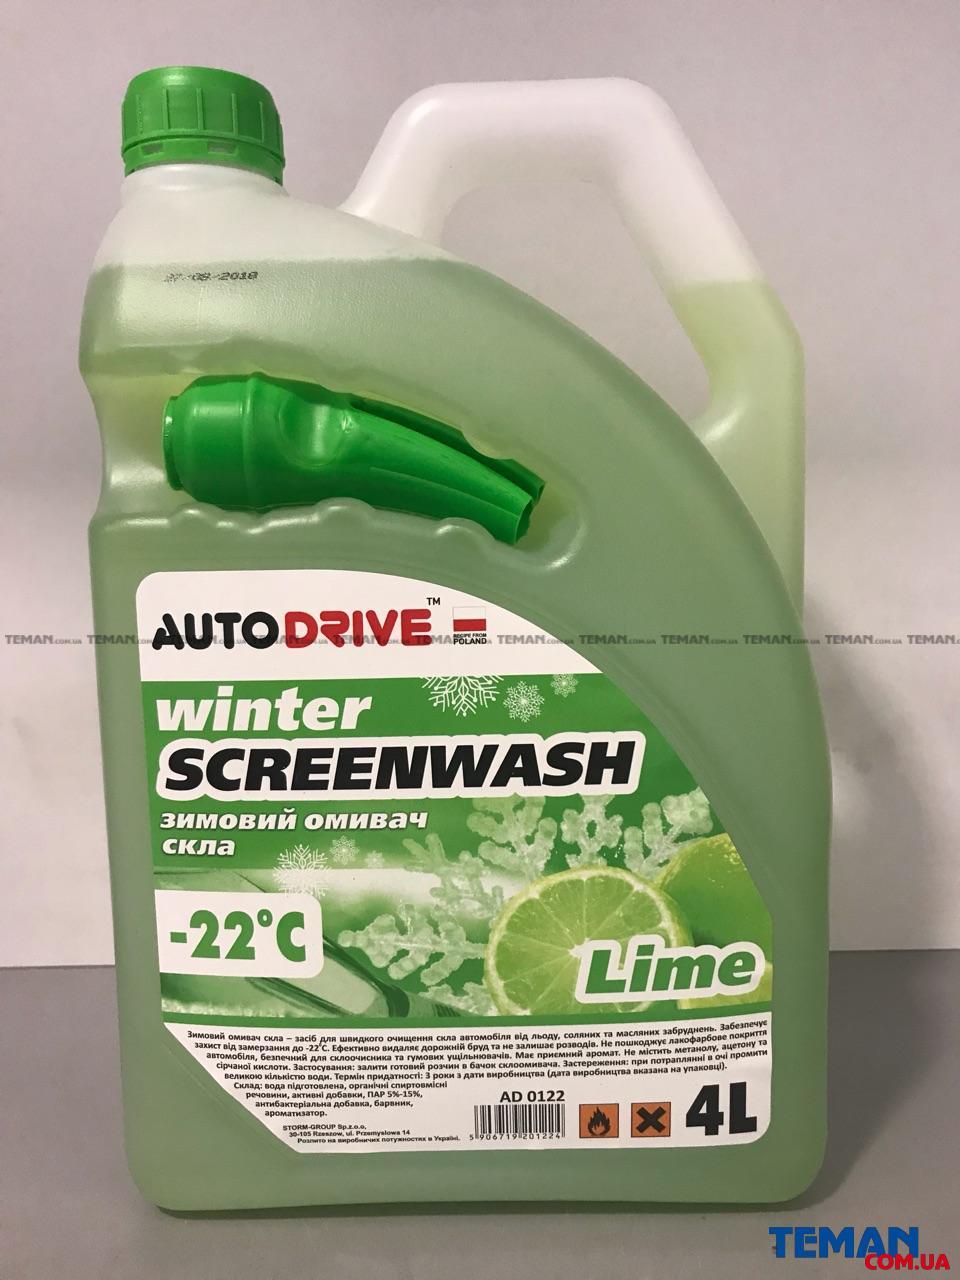 Купить Омыватель зимний Winter Screenwash -22 °C Lime  4лAUTO DRIVE ad0122